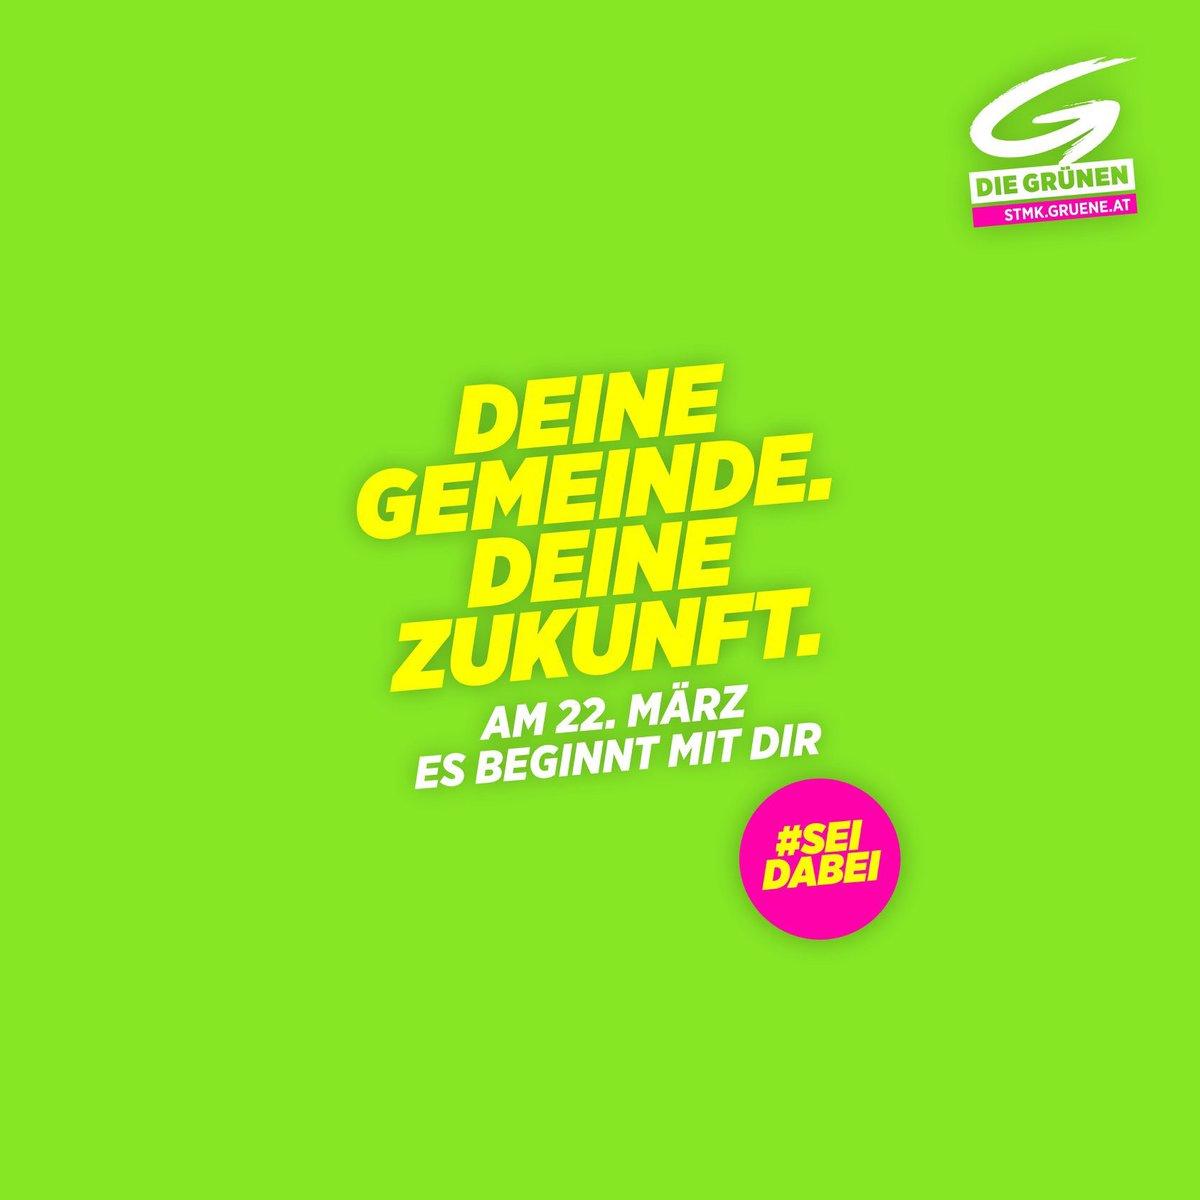 Am 22. März liegt es in deiner Hand : Machen wir gemeinsam Klima- und Umweltschutz in deiner Gemeinde stark.  Denn es ist deine Gemeinde, es ist deine Zukunft. #esbeginntmitdir #Steiermark #grw2020pic.twitter.com/BlQGFMcoIW